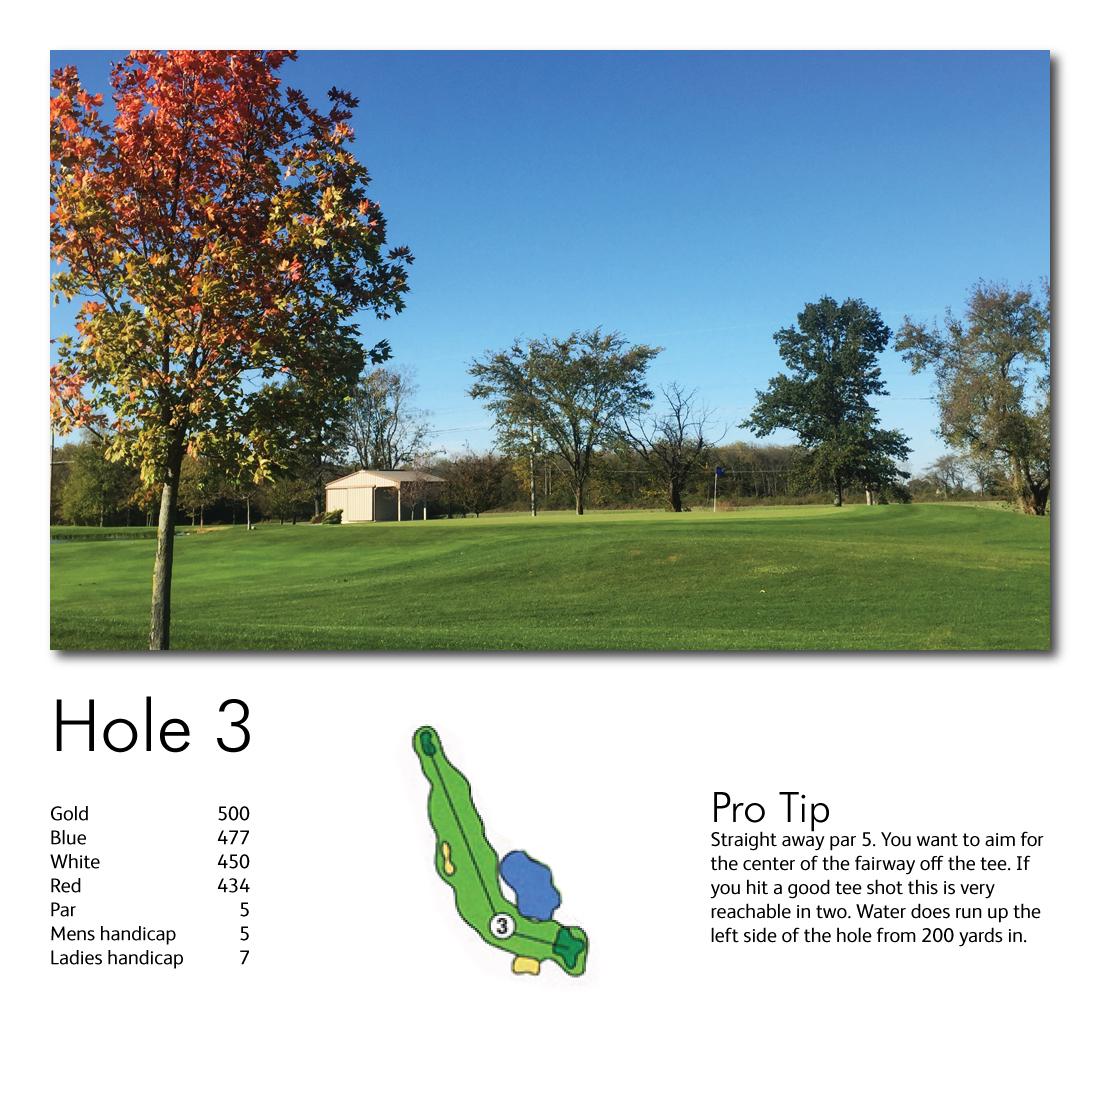 Hole-3-web-image.jpg